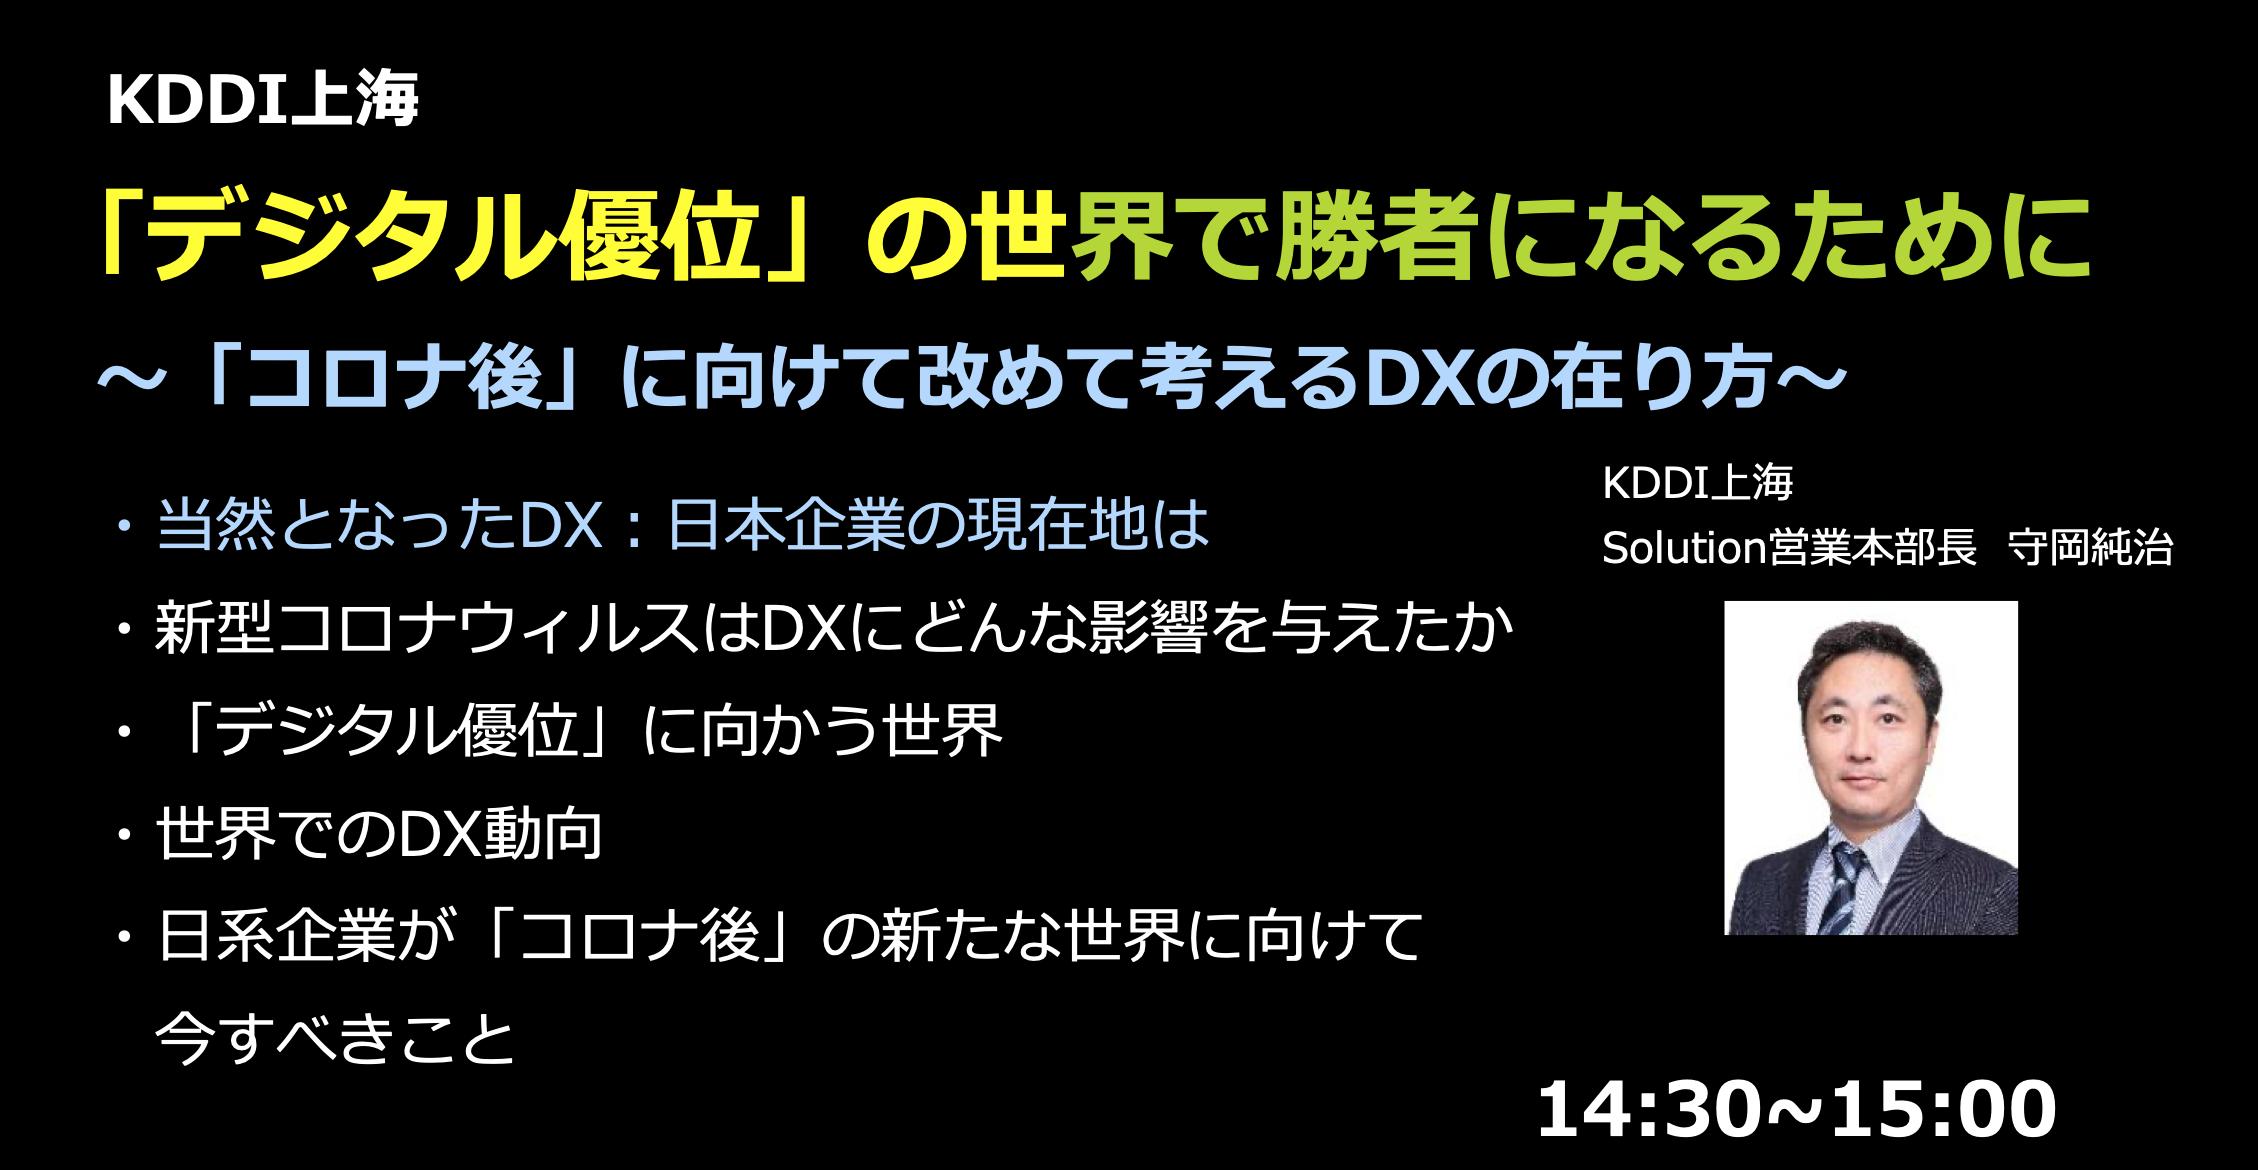 スクリーンショット 2021-03-07 午前9.13.34